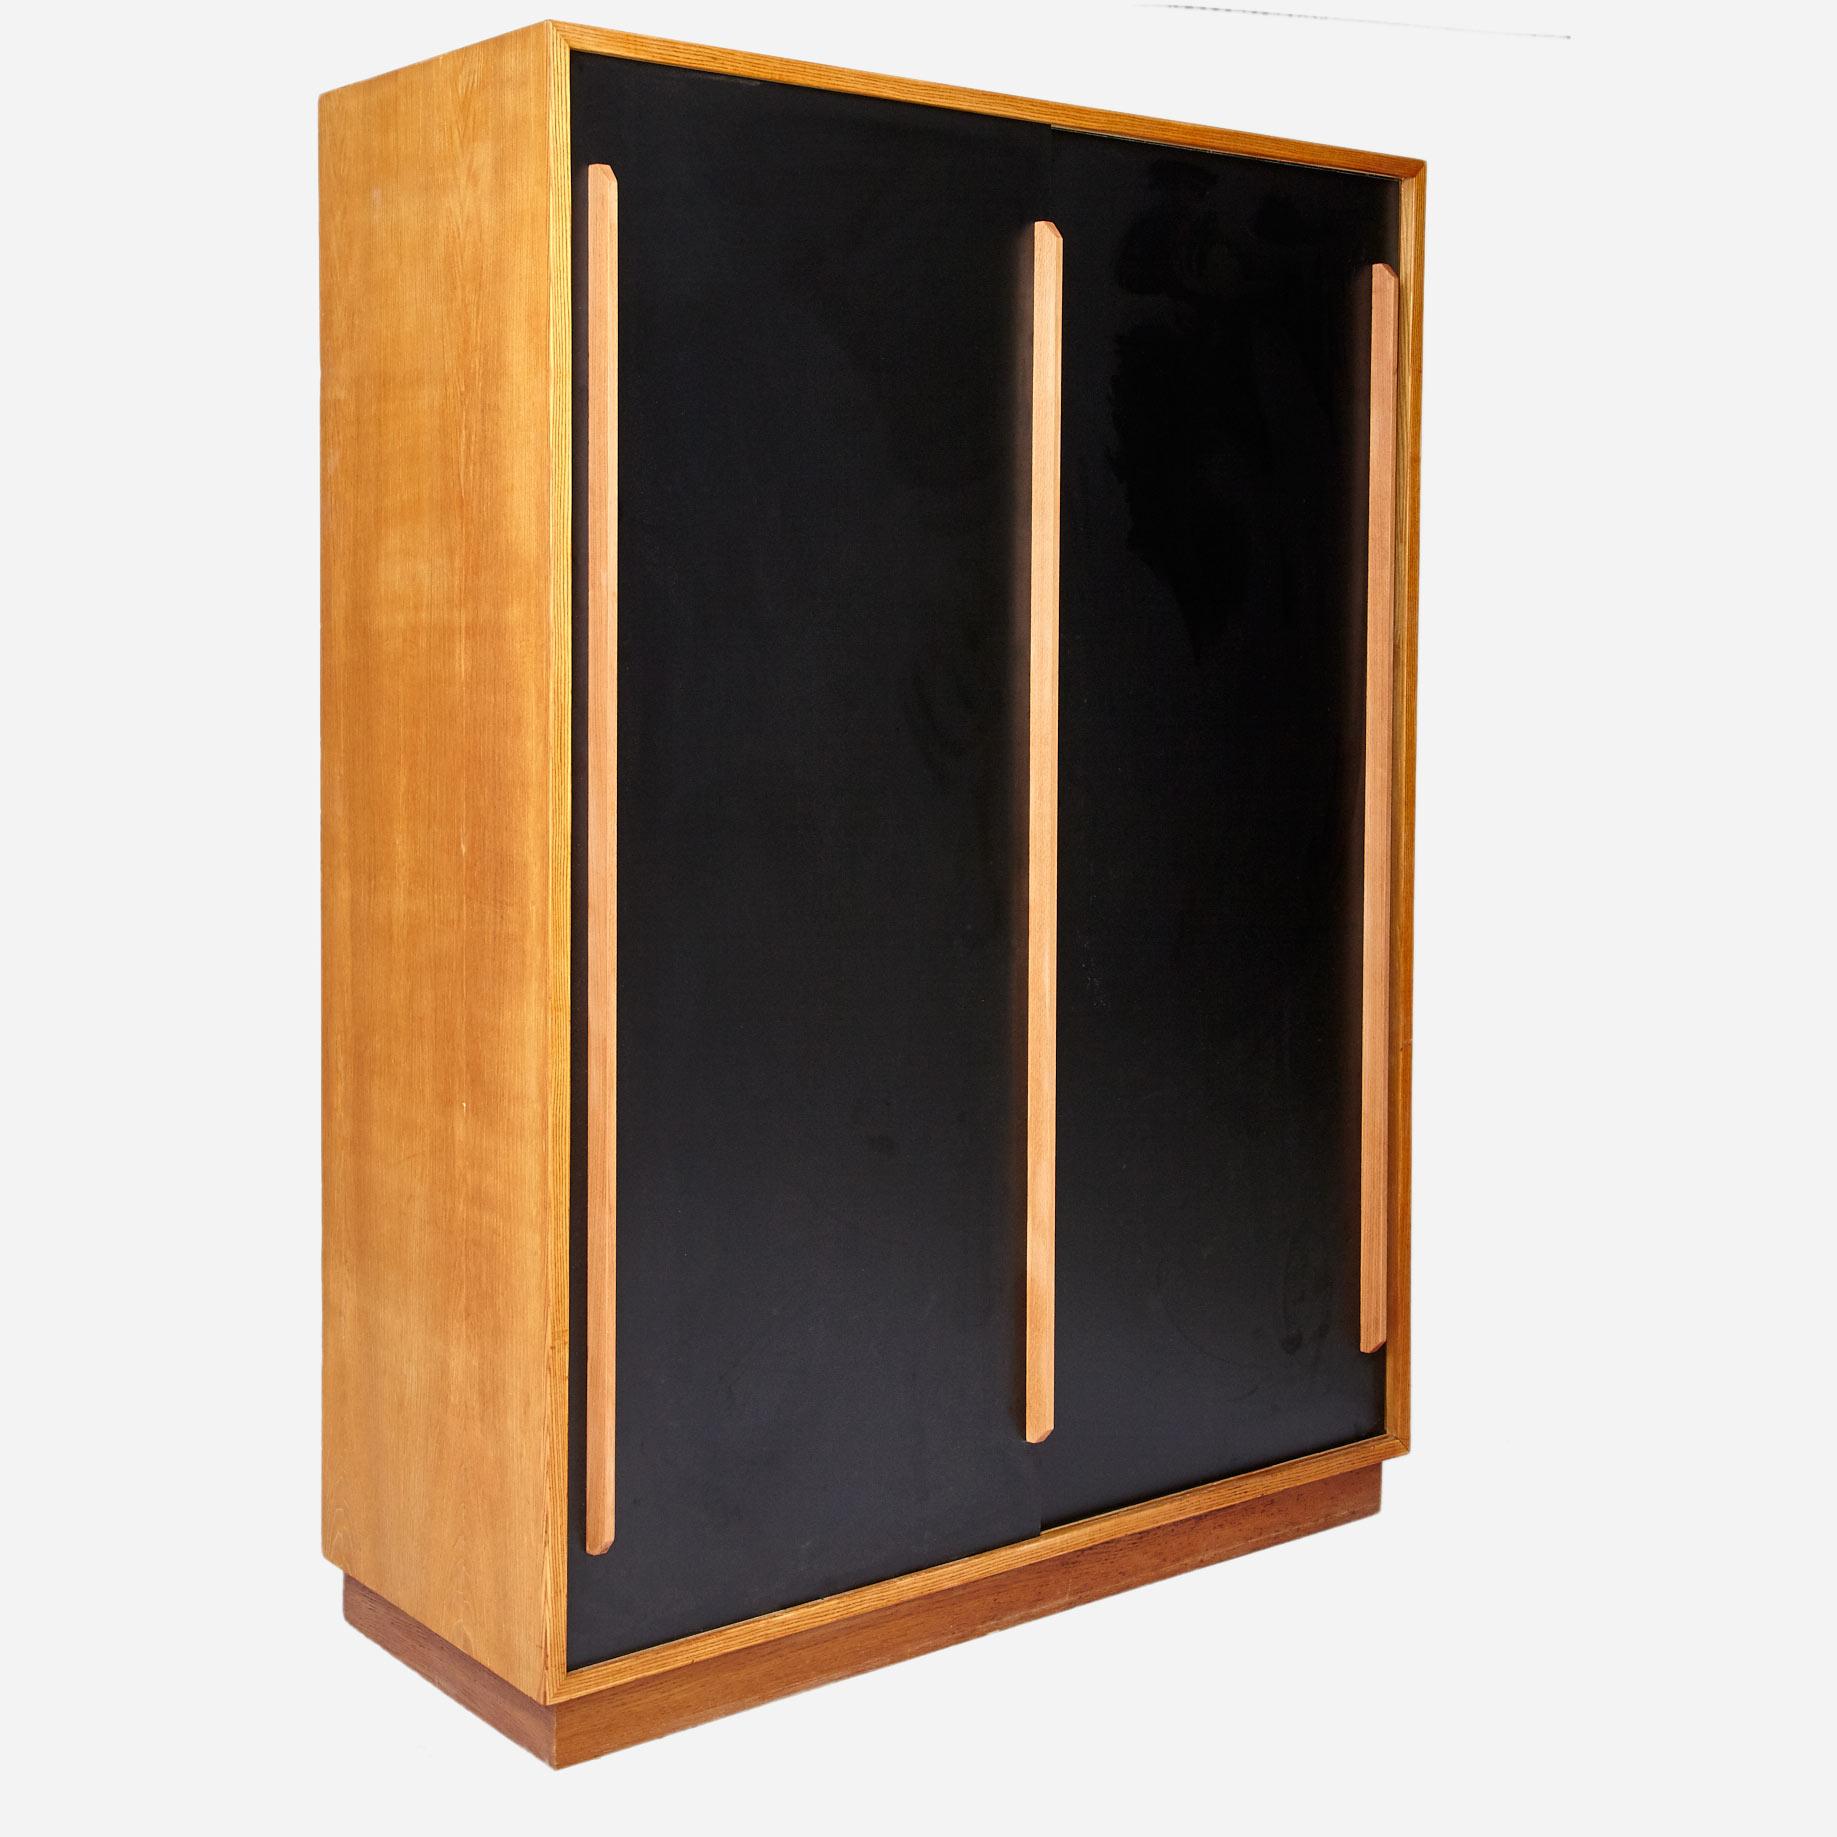 kleiderschrank mit schiebet ren aus eschenholz komplett restauriert m bel z rich vintagem bel. Black Bedroom Furniture Sets. Home Design Ideas